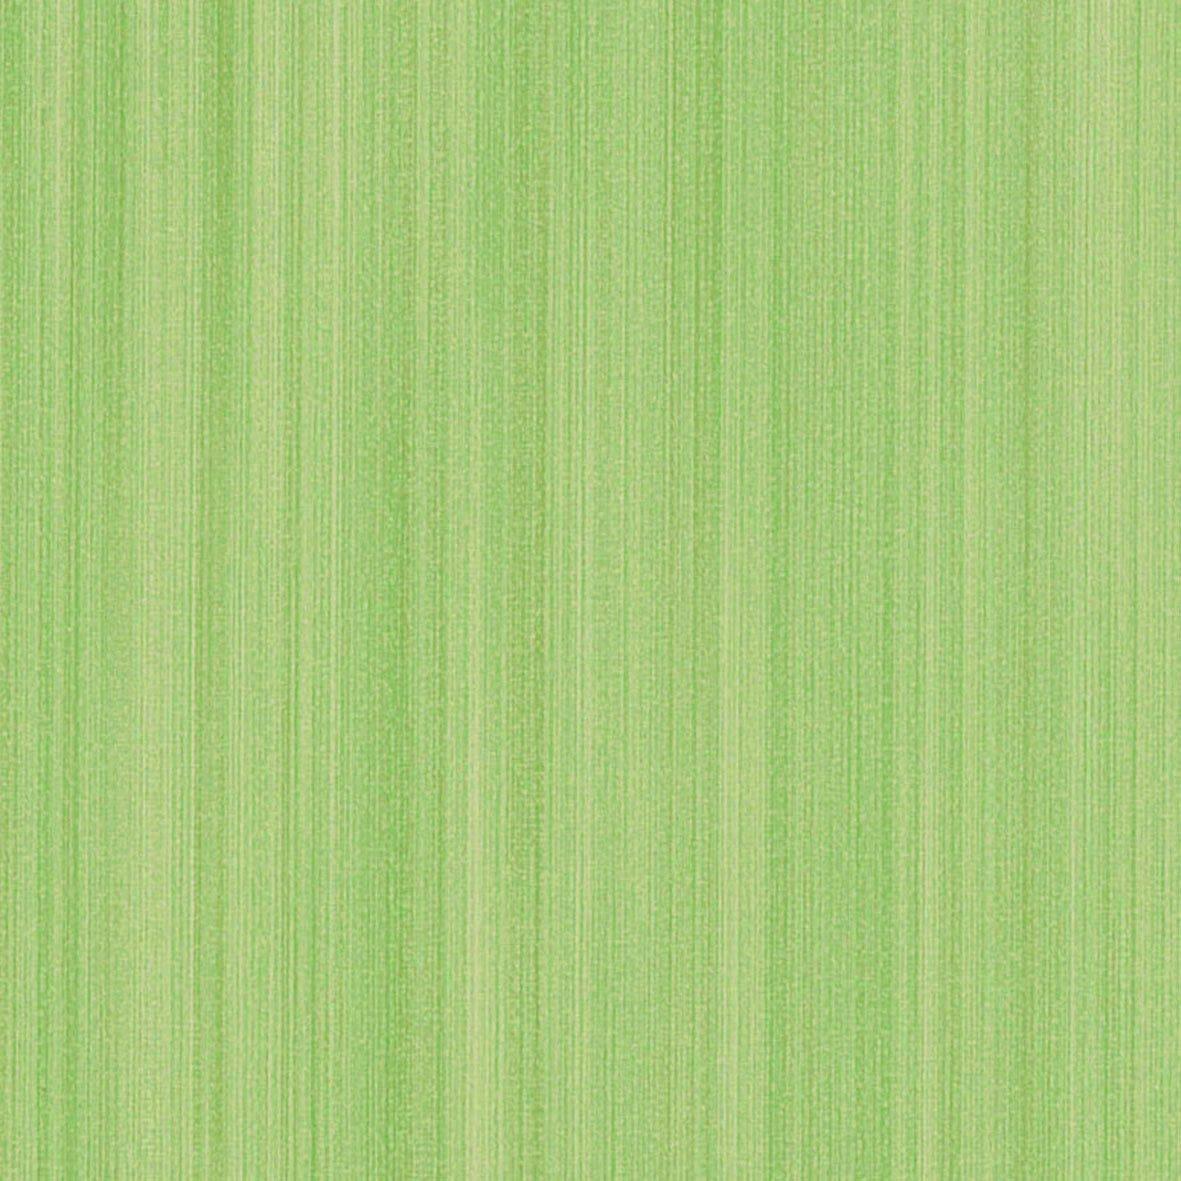 壁紙クロス 33m リリカラ シンフル ストライプ グリーン LL-8606 B01MXDK1A7 33m|グリーン2